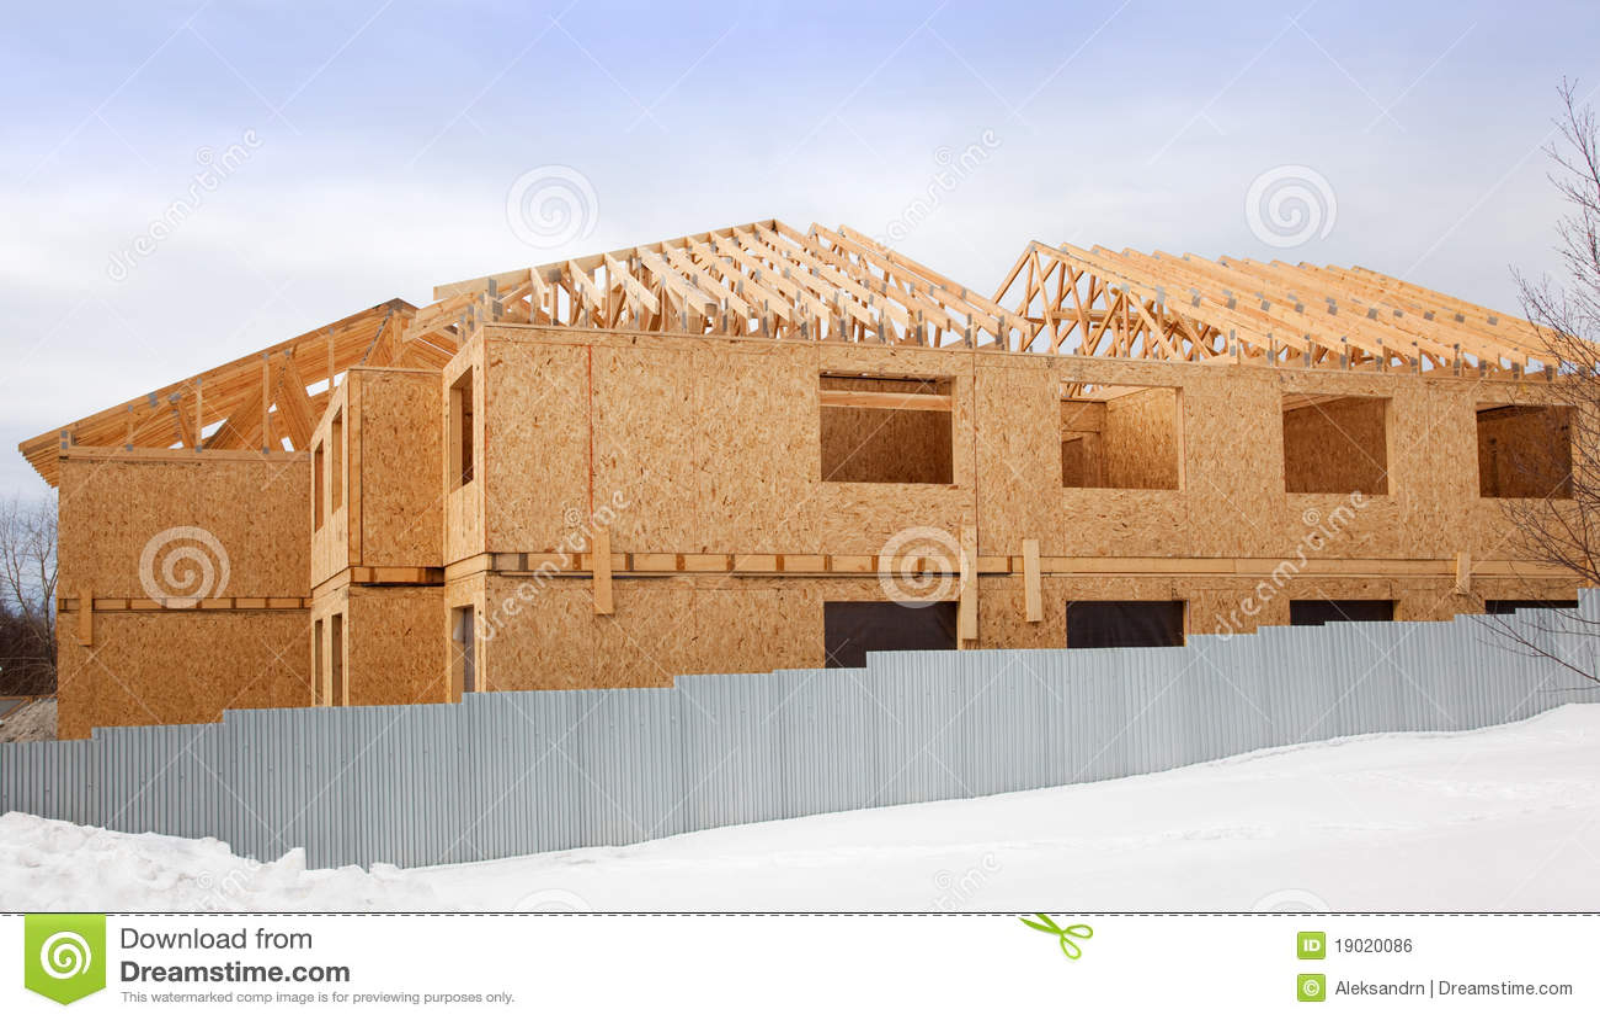 Bouw van een nieuw huis royalty vrije stock afbeelding afbeelding 19020086 - Nieuw huis binneninrichting ...